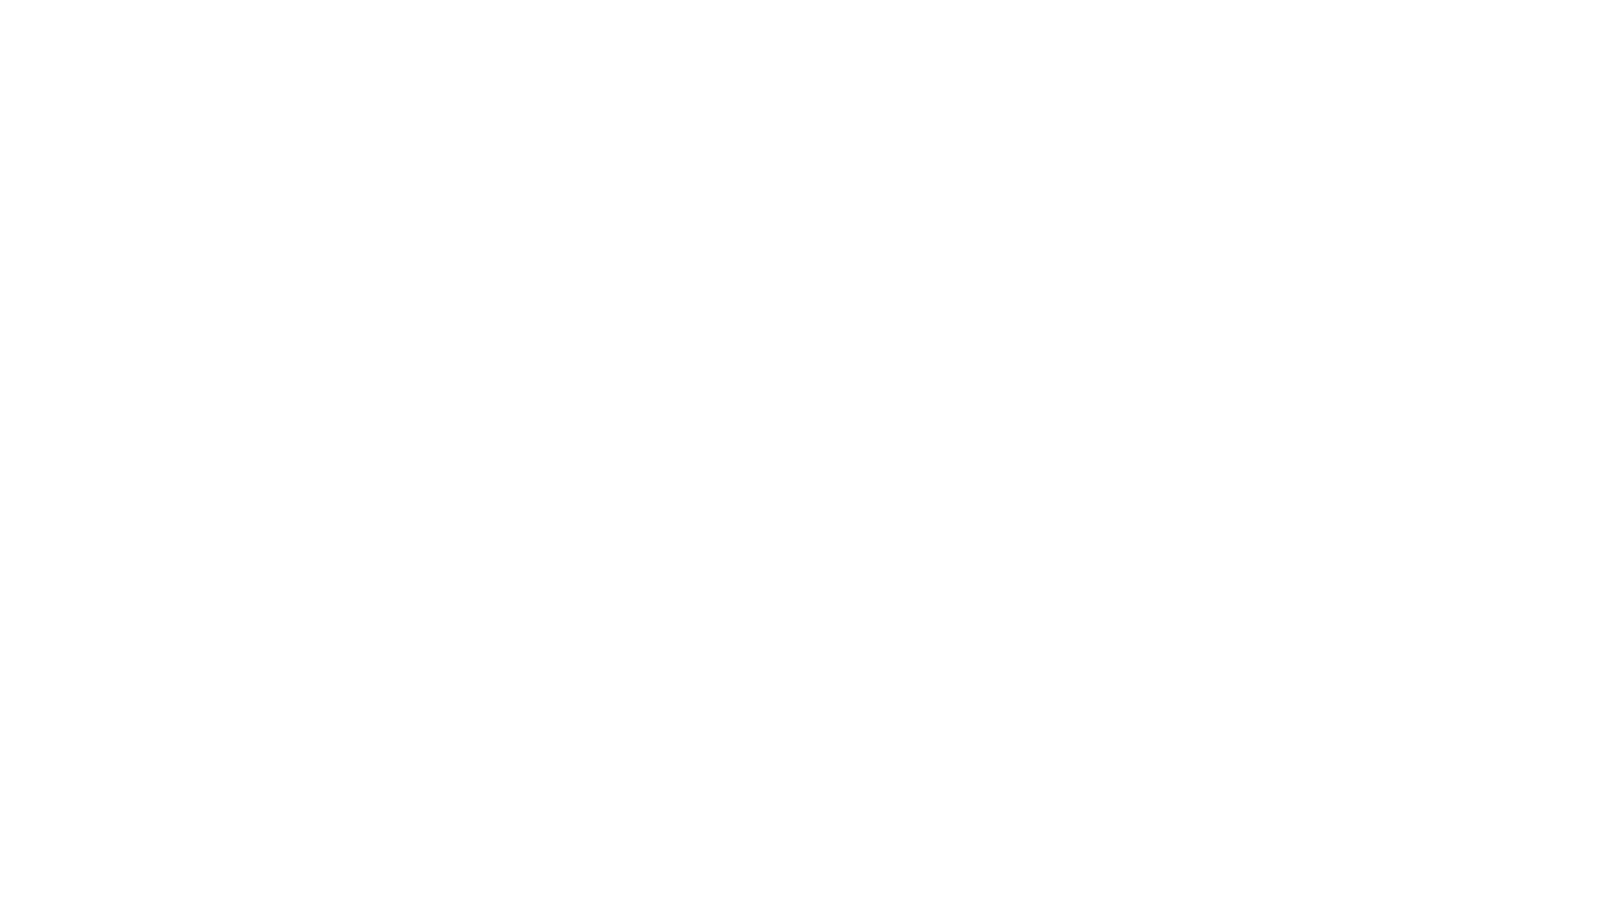 秉持著回饋社會的信念,東西全球文創集團執行長李冠毅從2006年開始, 開啟了「東西名人慈善晚宴元年」,與各個慈善抑或弱勢族群進行慈善募款, 可以說是引領台灣媒體界、時尚名人圈加入慈善團體的創始人, 也為慈善晚宴樹立一個指標性的典範。